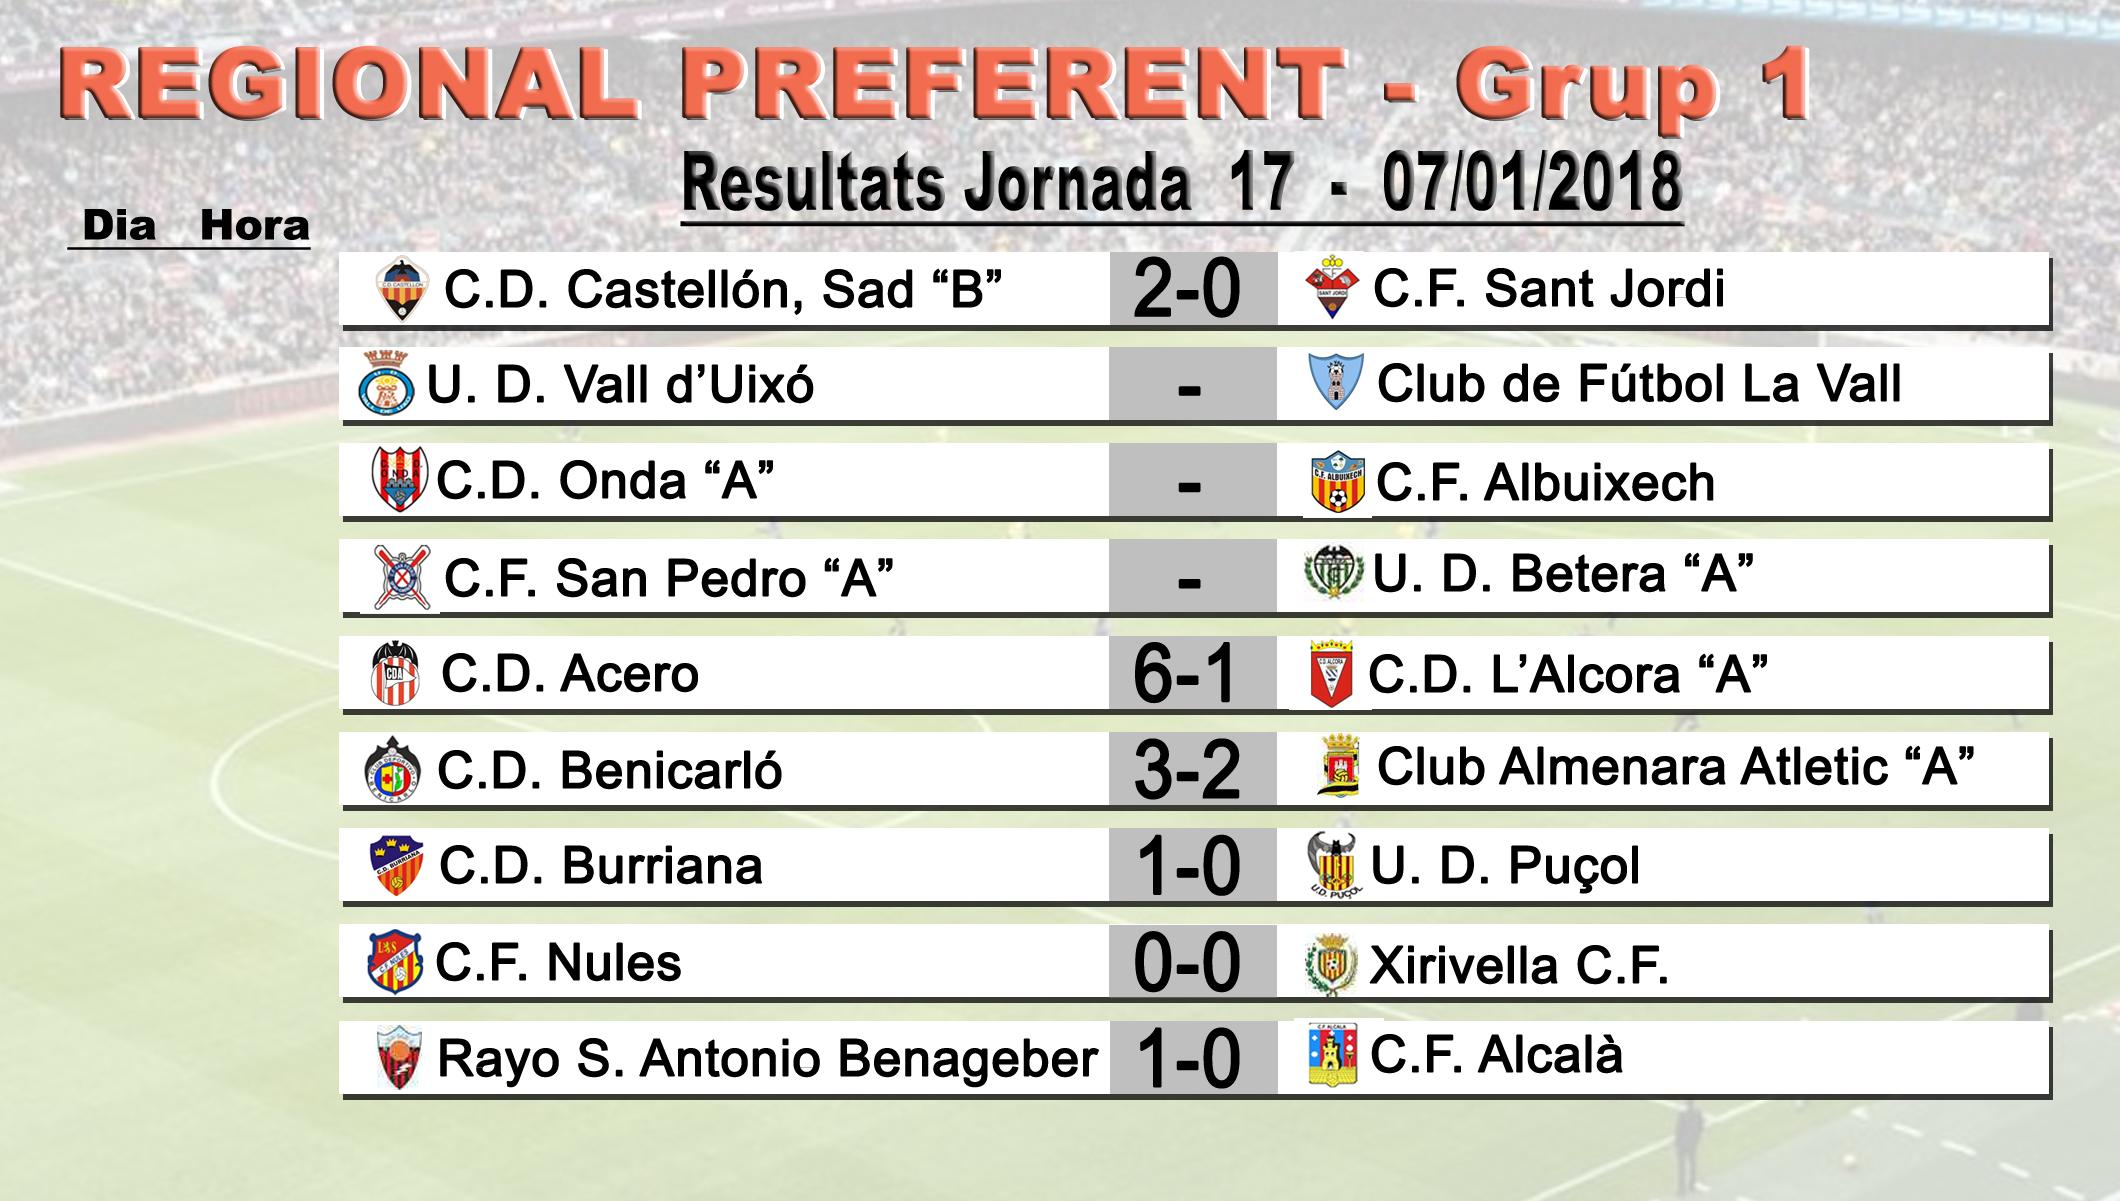 Resultats i classificacions de futbol